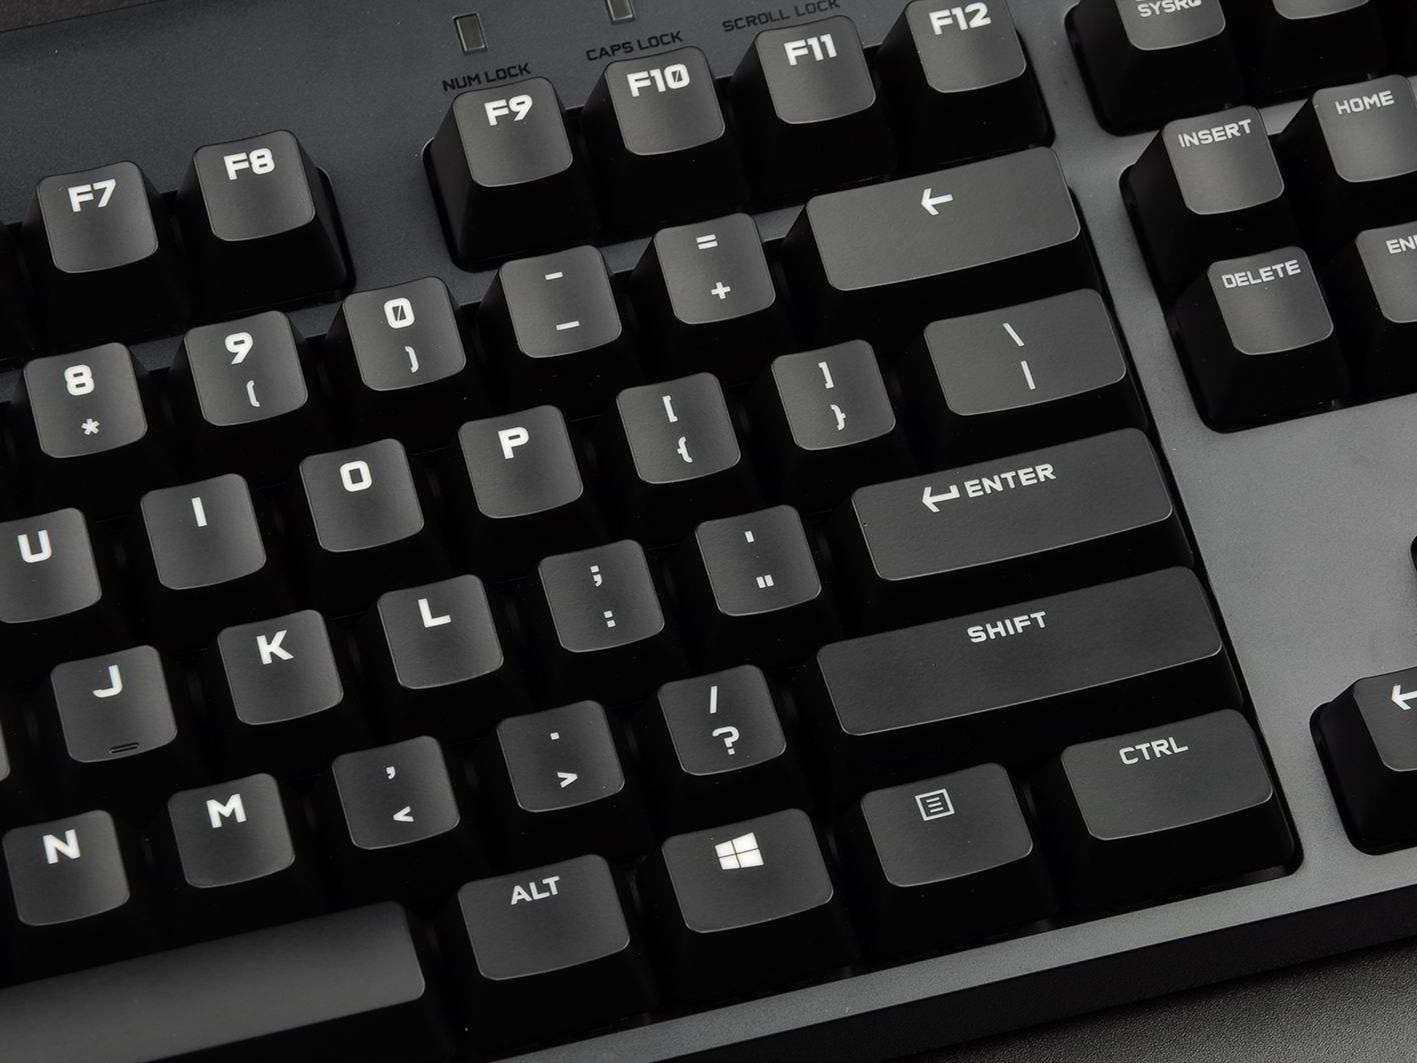 机械键盘和普通键盘的区别_机械键盘的好处